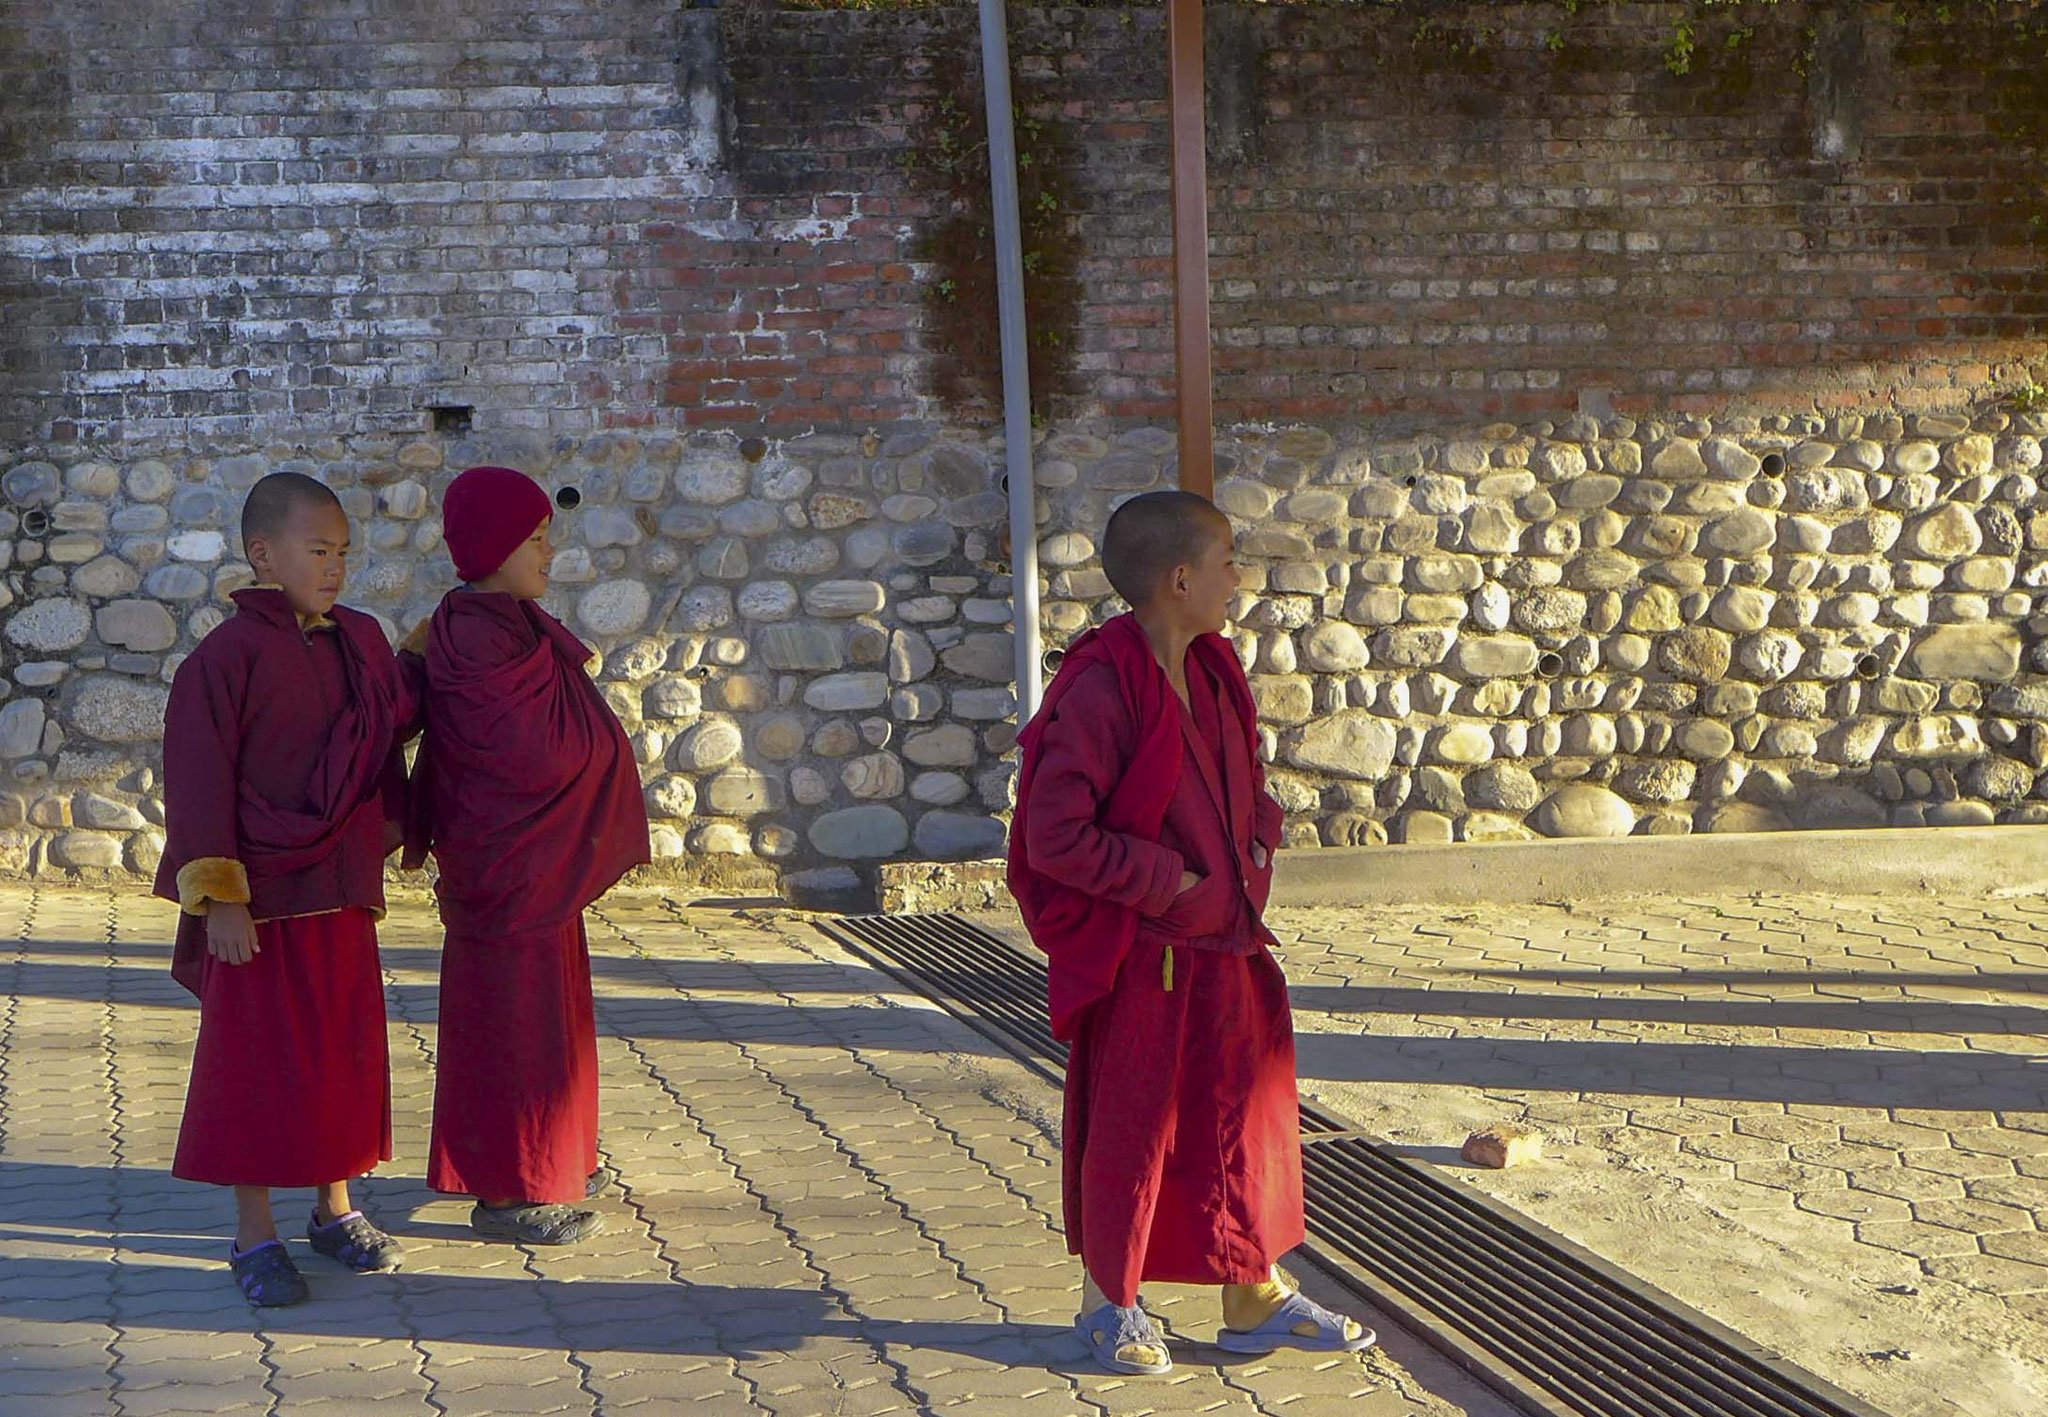 Die Kids bekommen eine Ausbildung und lernen die Grundregeln des Buddhismus kennen, bevor sie sich mit Anfang 20 für ein Lebnen als Mönch entscheiden können.